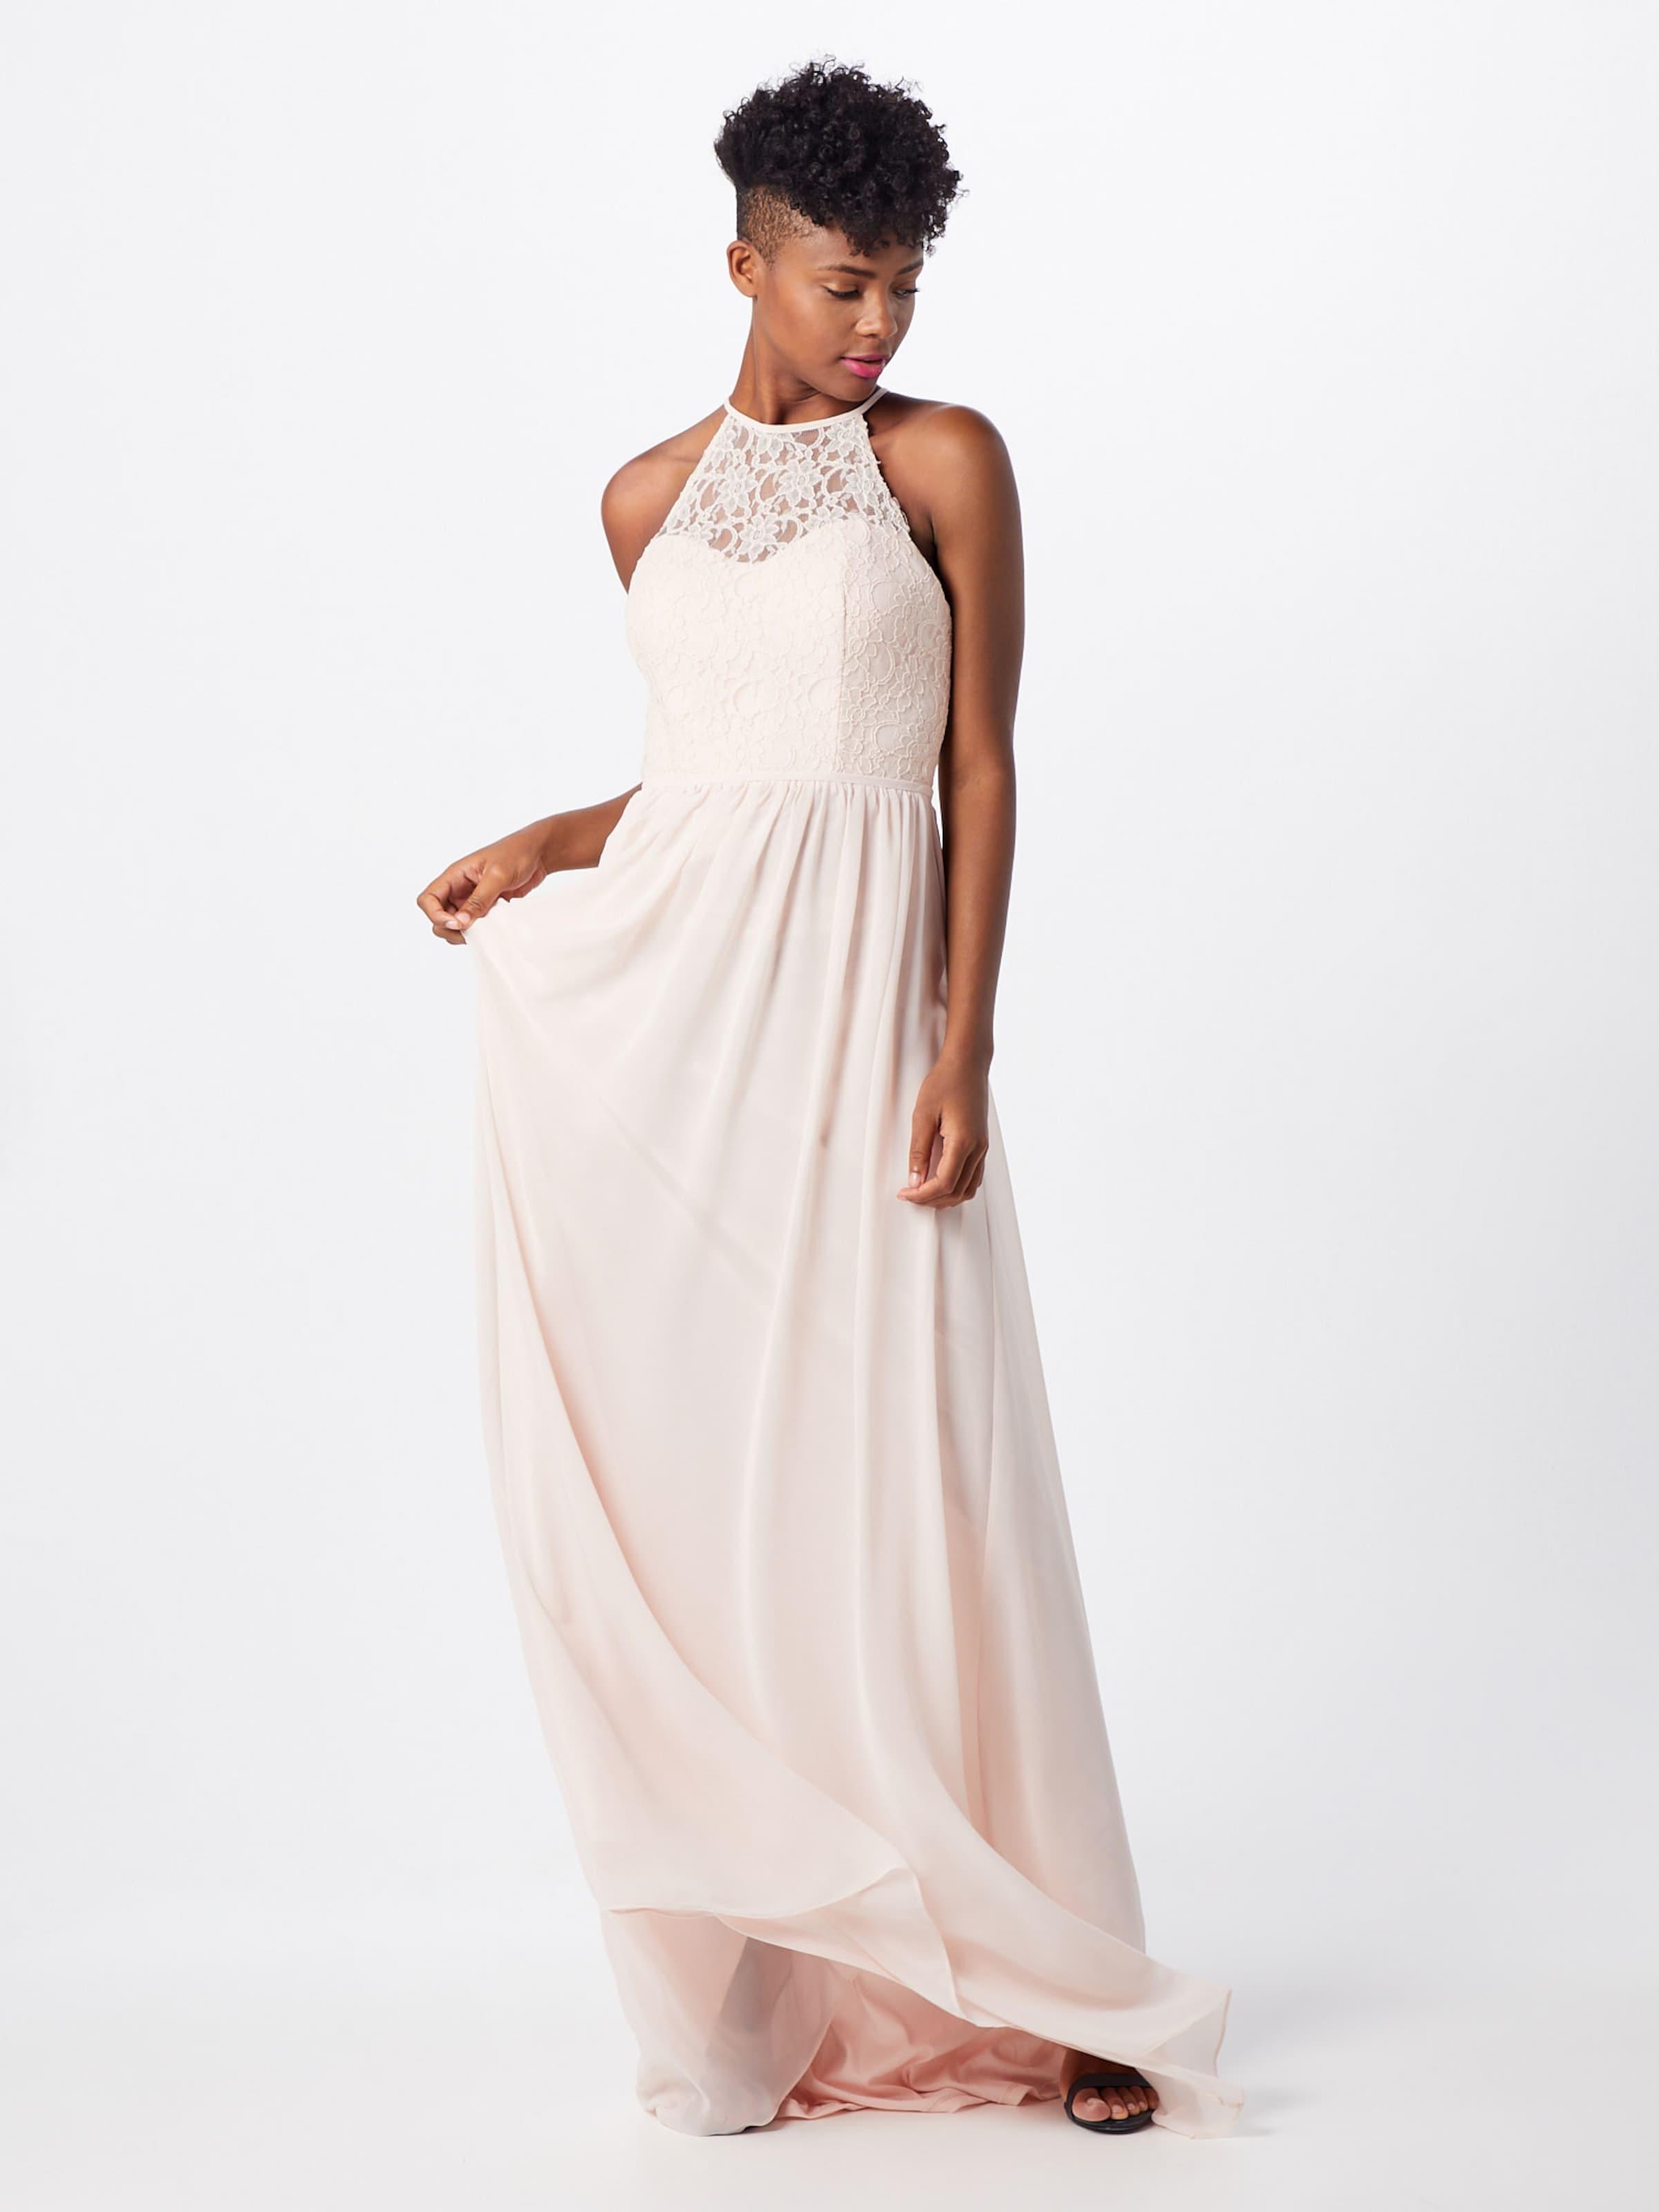 Robe Night De Laceamp; Soirée Corded Star Rose 'long Chiffon' En Dress l1uT3FJKc